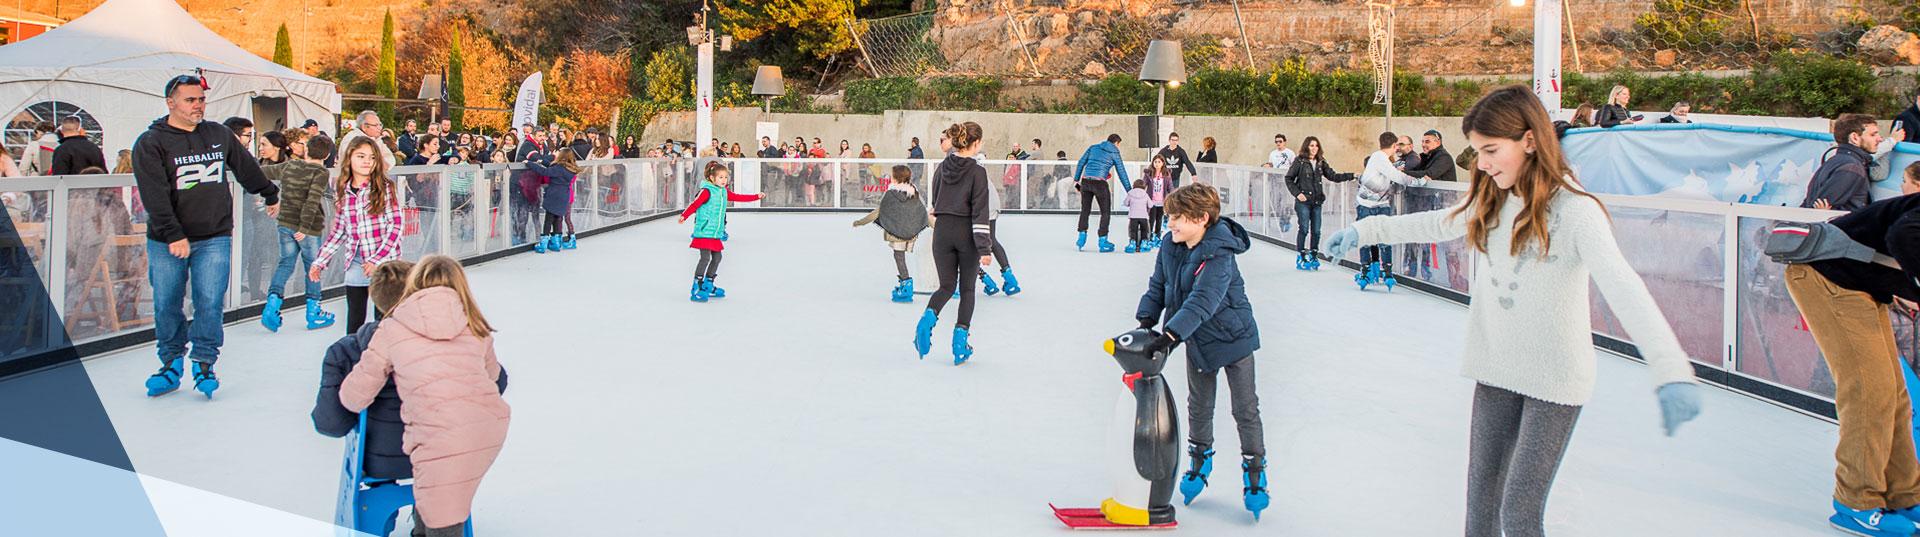 レジャーに合成スケートリンク